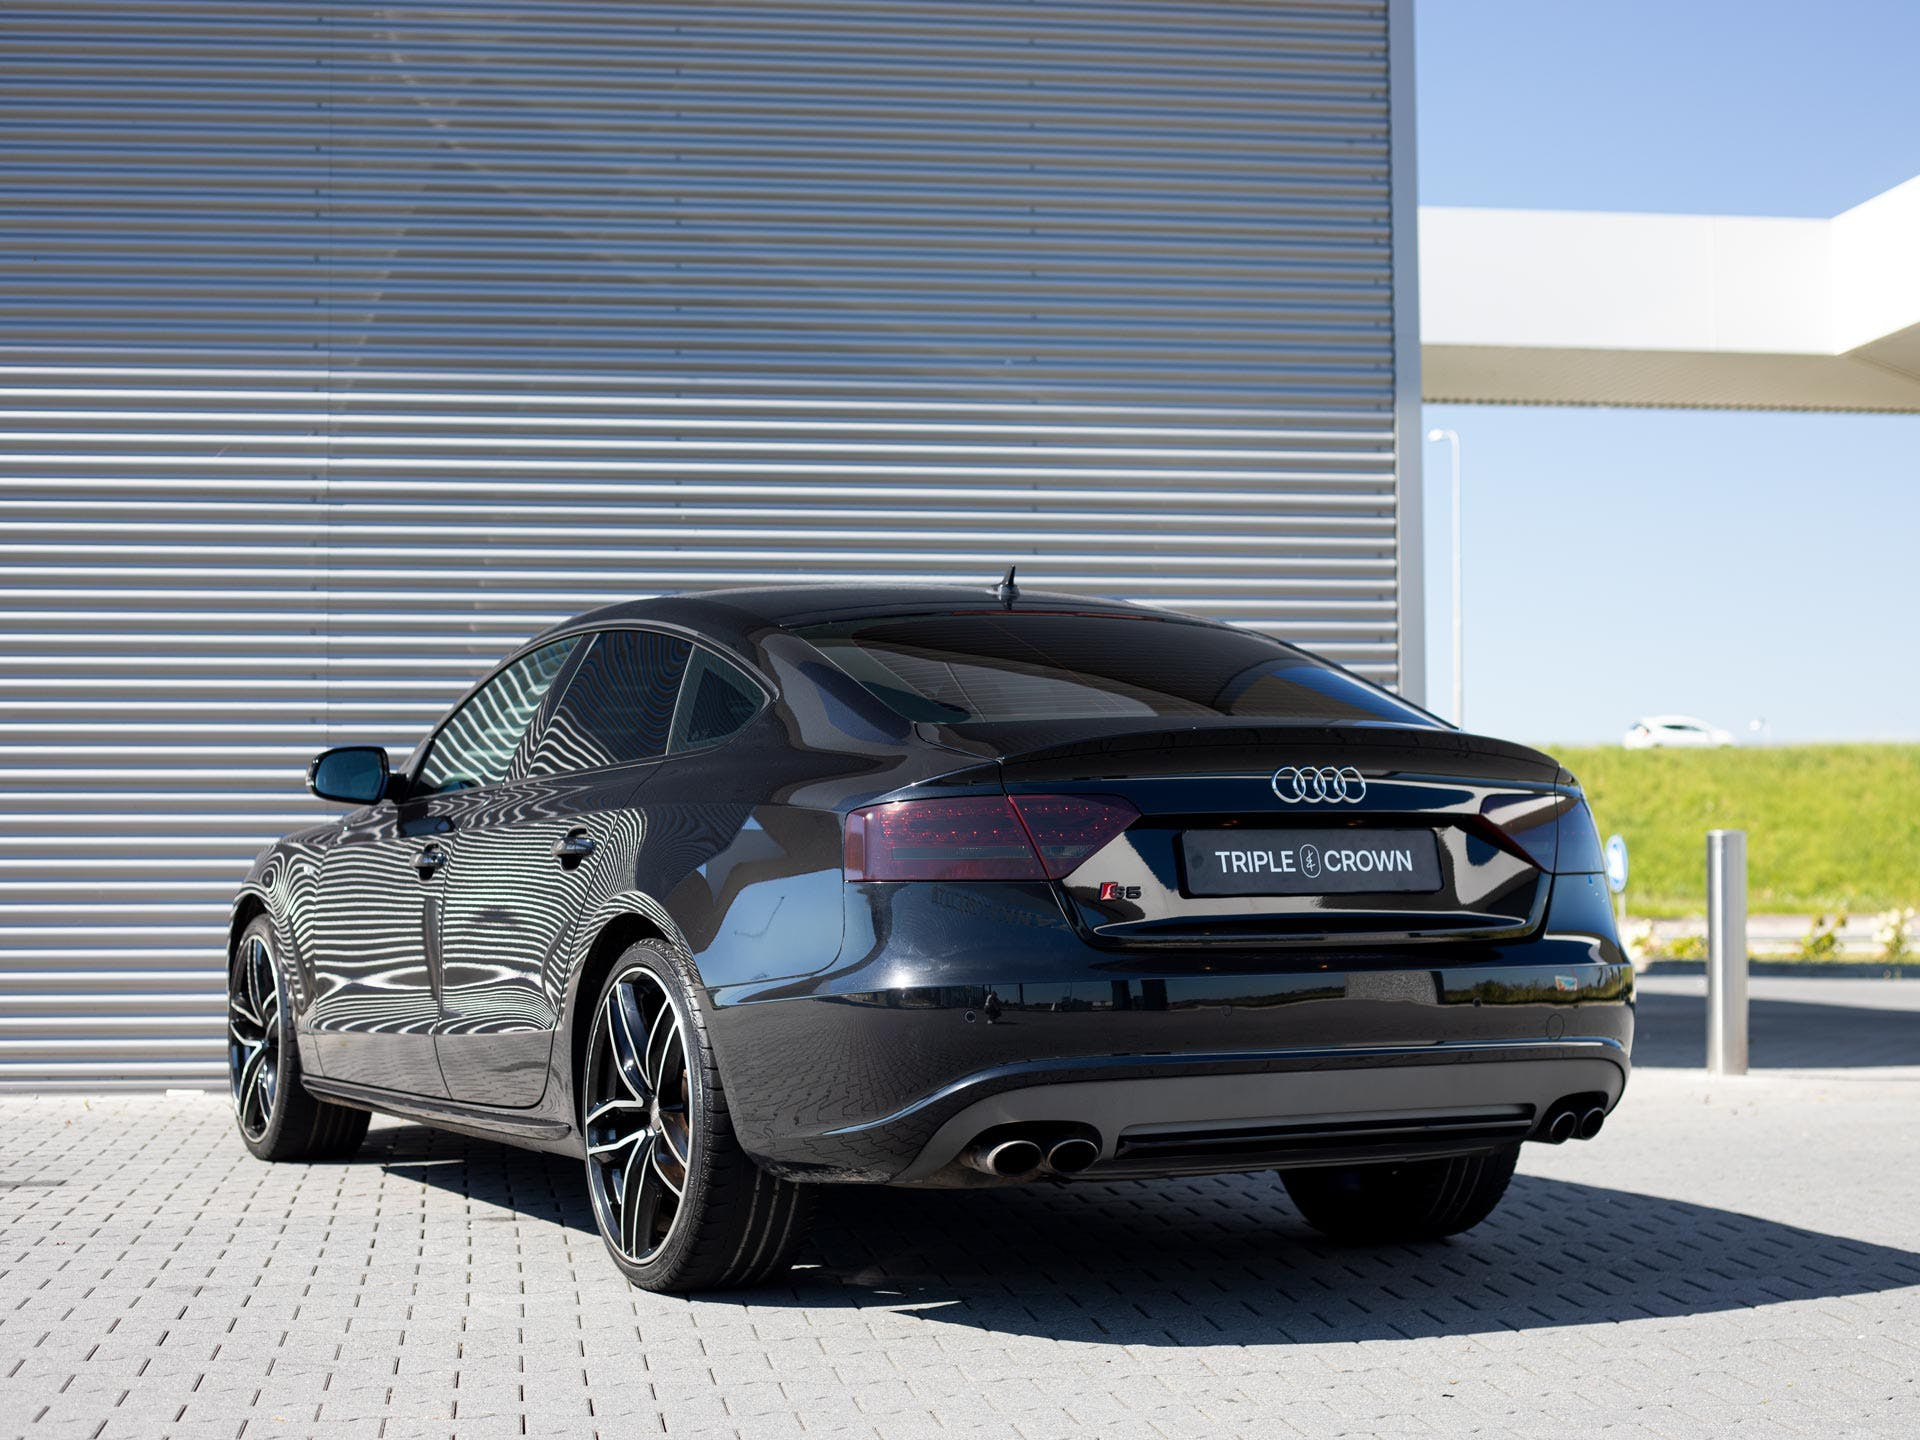 Tweedehands Audi S5 Sportback 2010 occasion